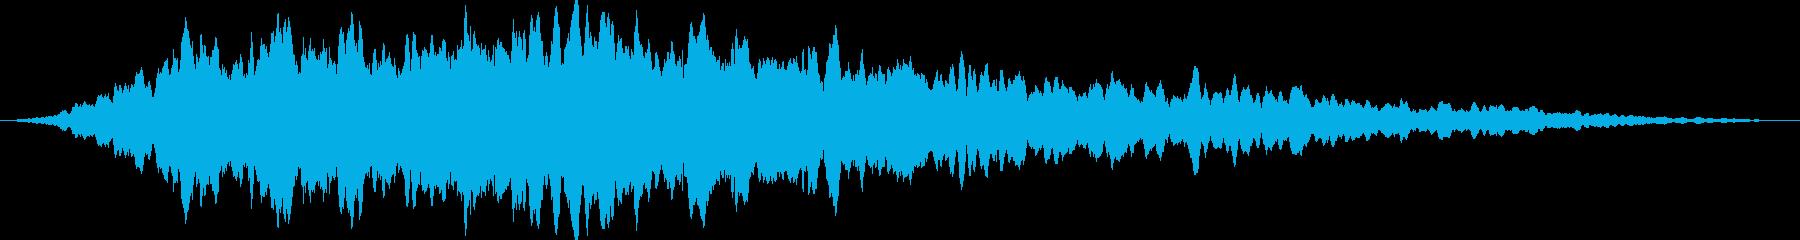 重低音のドローンの再生済みの波形